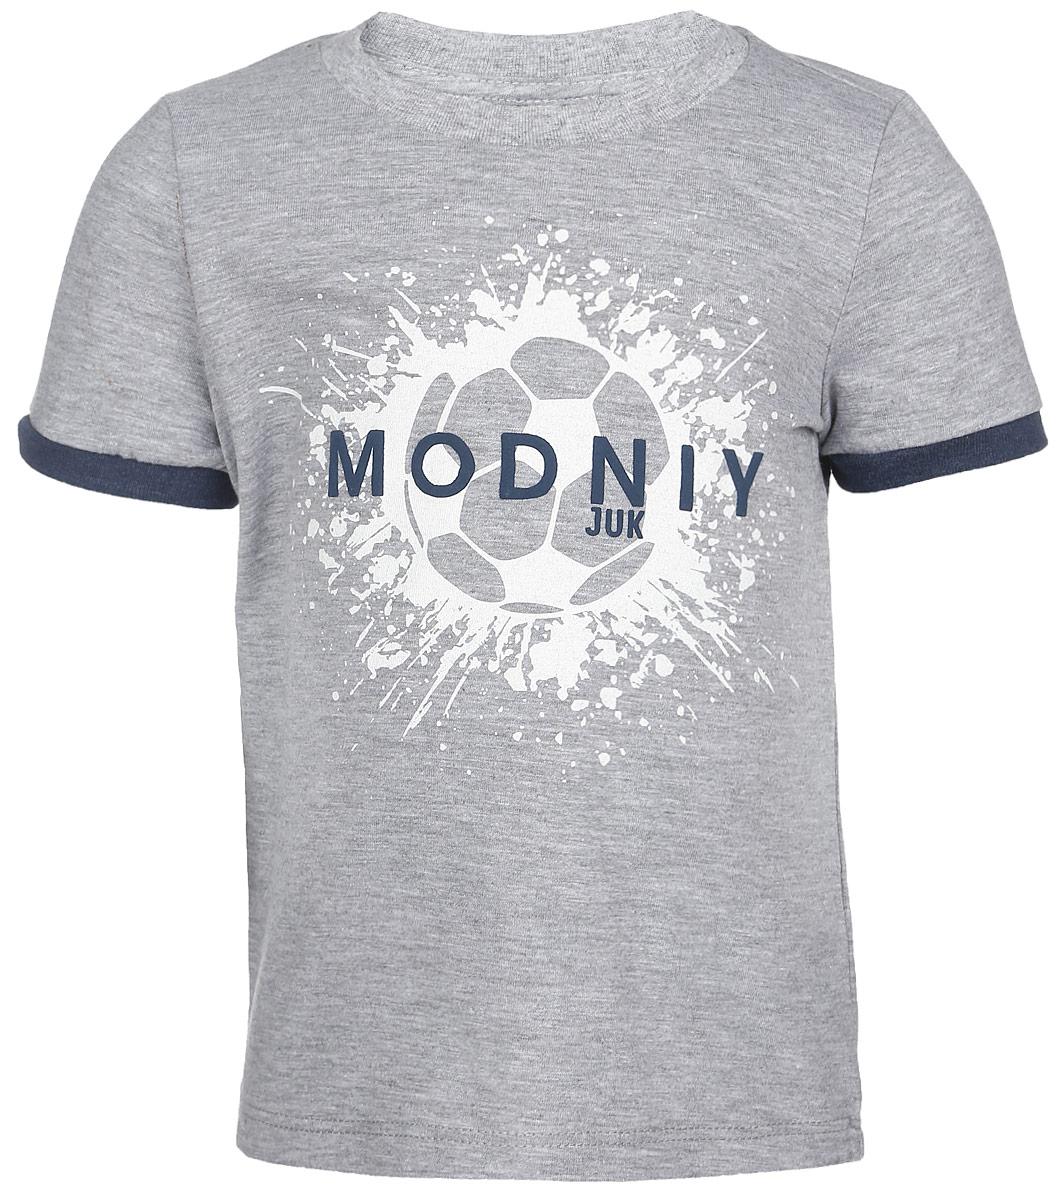 01B00080100Стильная футболка для мальчика Modniy Juk Modniy Ball идеально подойдет вашему маленькому моднику. Изготовленная из мягчайшего хлопка высокого качества, она необычайно нежная и приятная на ощупь, не сковывает движения малыша и позволяет коже дышать, не раздражает даже самую чувствительную кожу ребенка, обеспечивая наибольший комфорт. Рукава дополнены эластичными контрастными манжетами. Футболка с короткими рукавами и круглым вырезом горловины оформлена принтом с надписью Modniy Juk на фоне футбольного мяча. Оригинальный современный дизайн и модная расцветка делают эту футболку стильным предметом детского гардероба. В ней ваш малыш будет чувствовать себя уютно и комфортно и всегда будет в центре внимания!